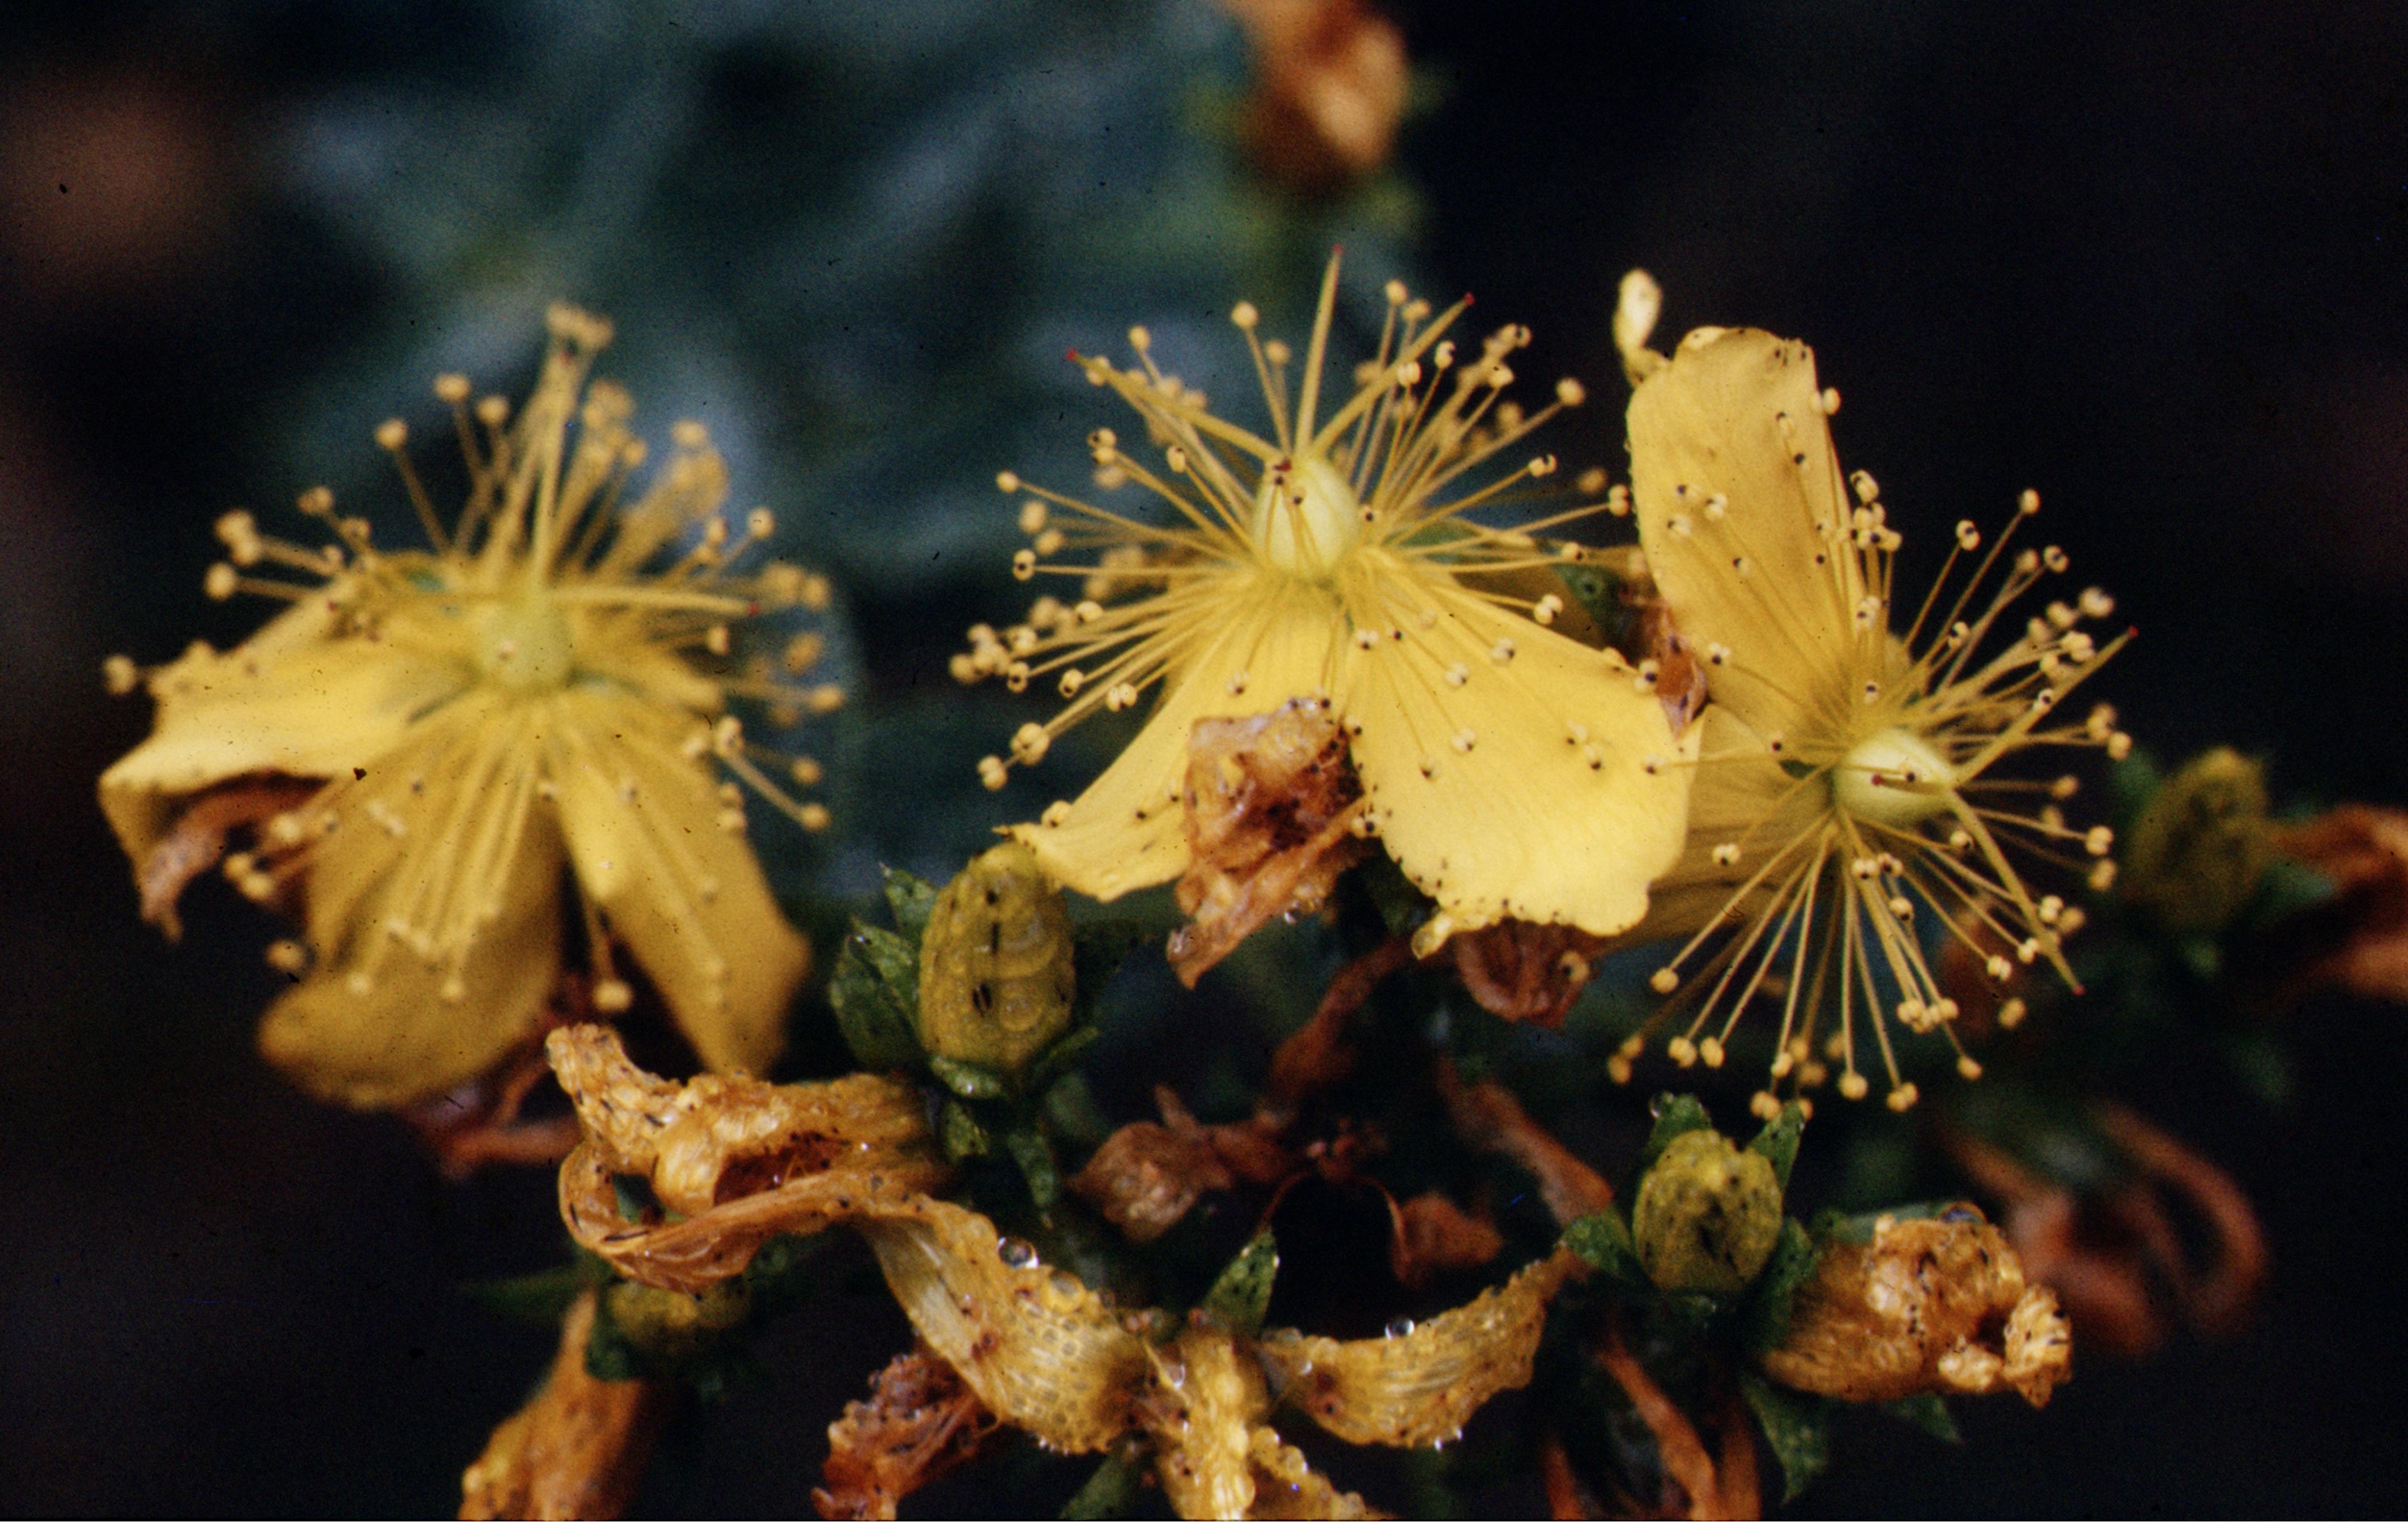 le millepertuis et les plantes magiques de la Saint-Jean - vidéo